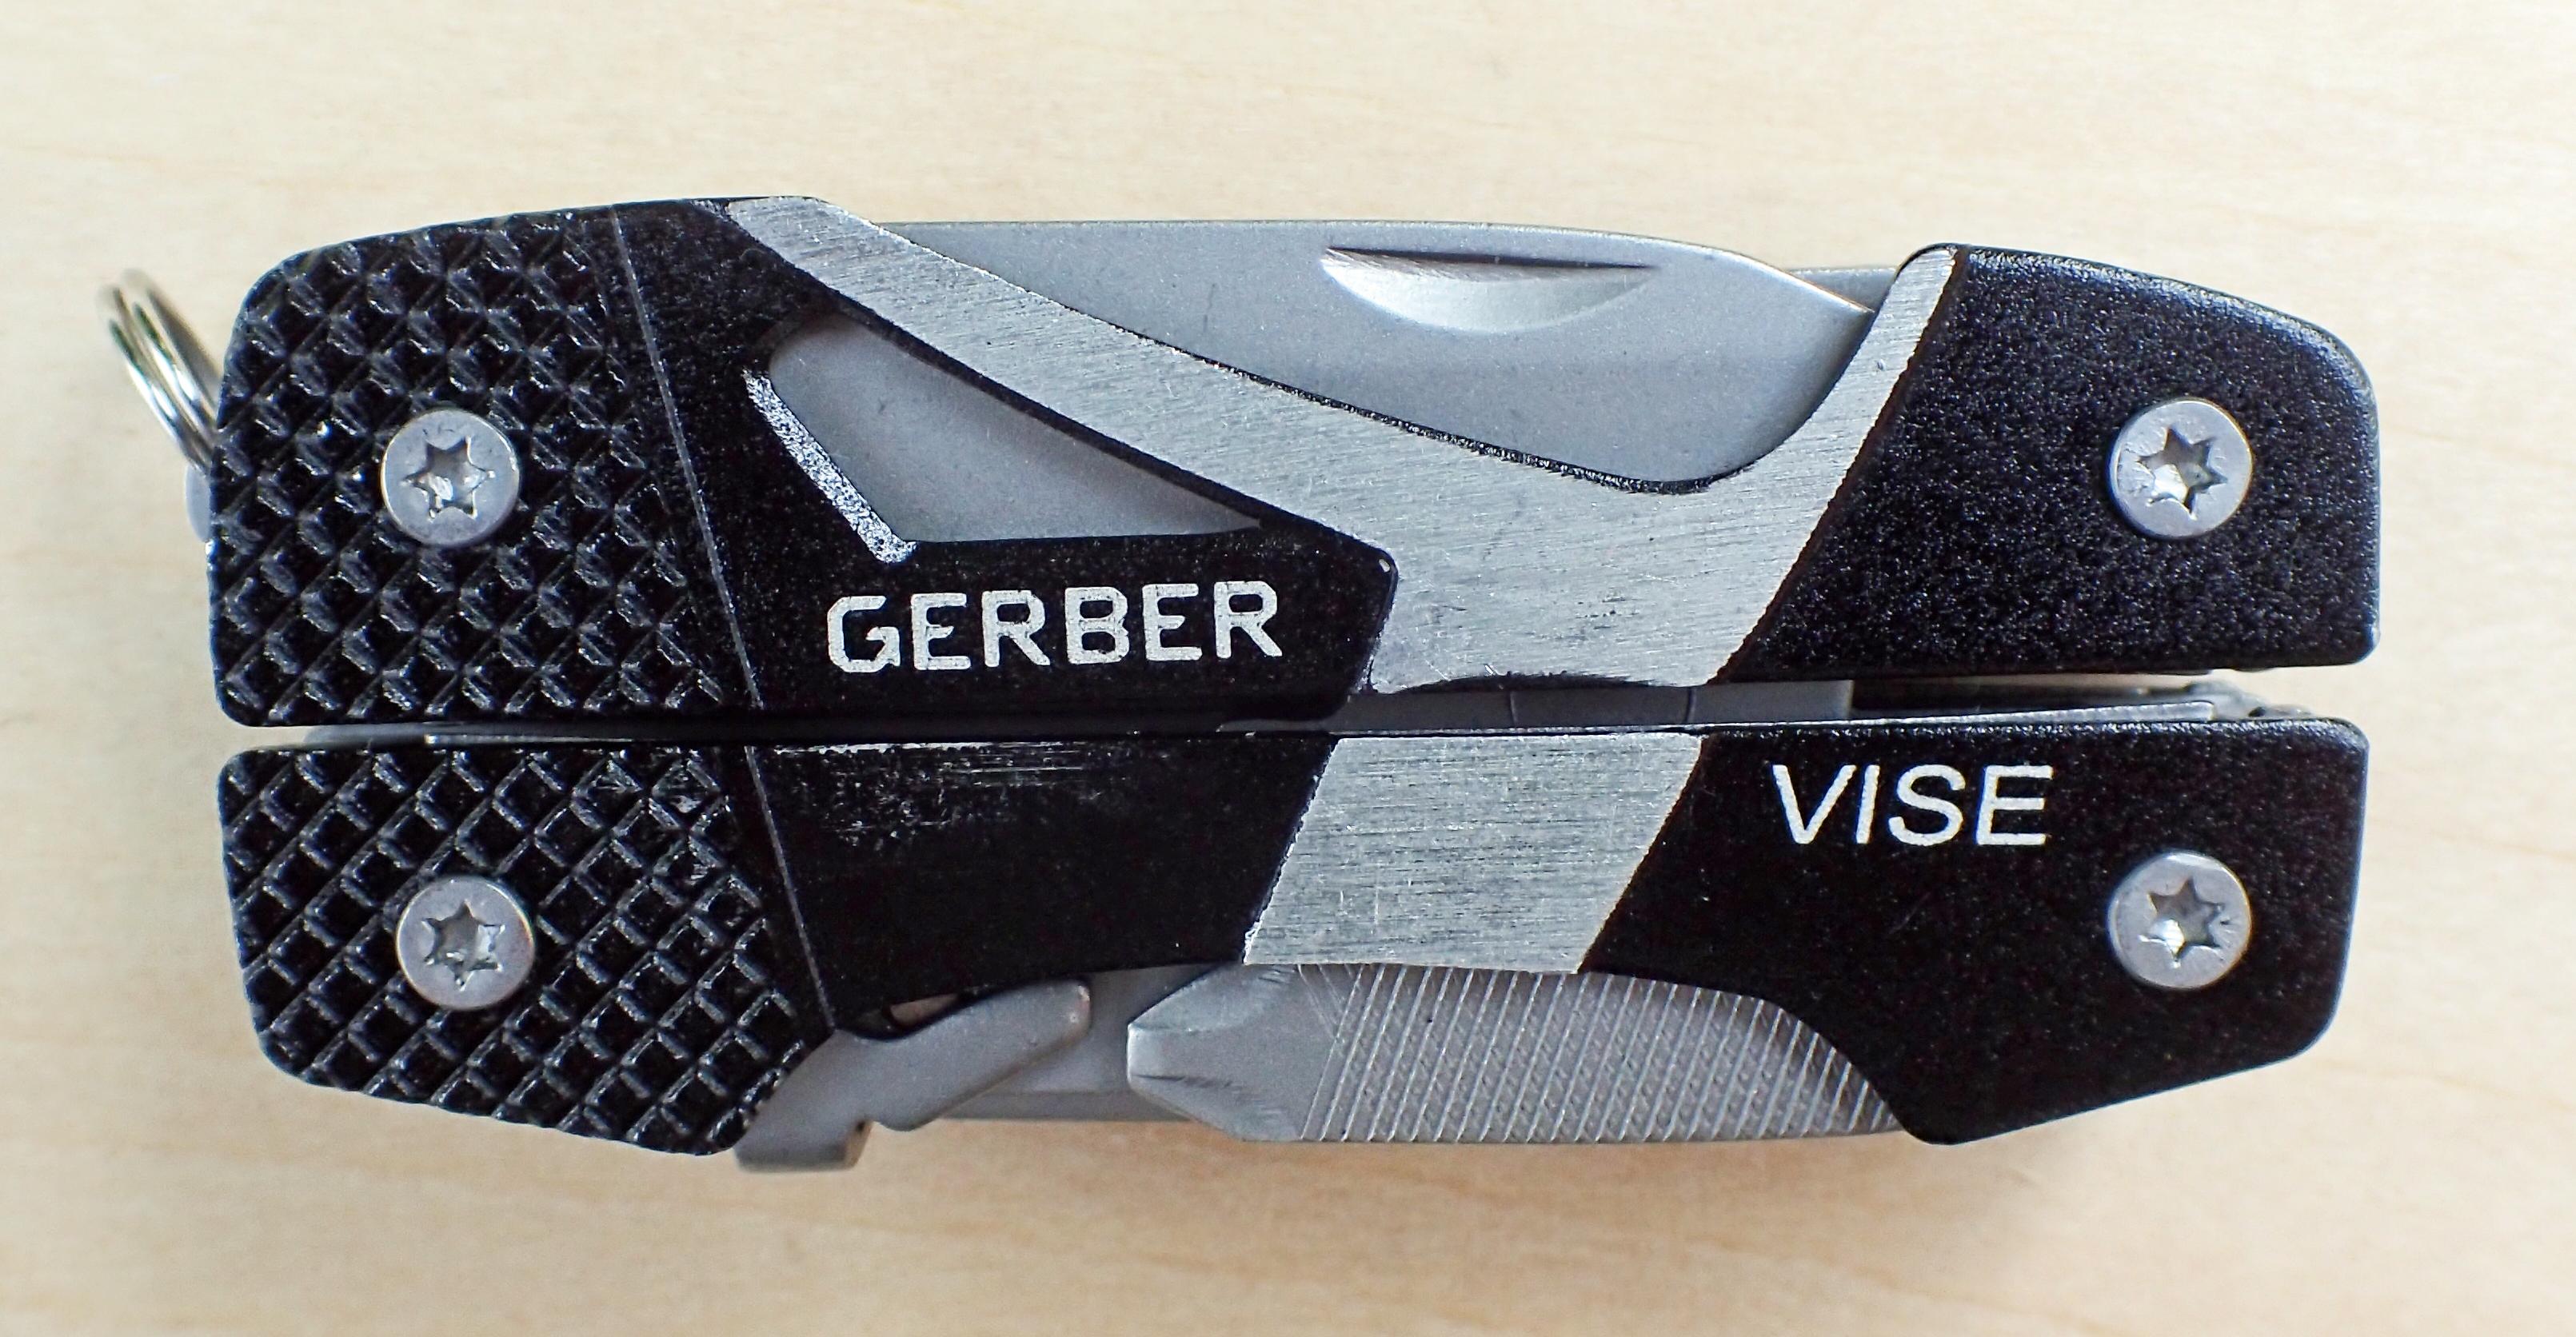 Gerber Vice